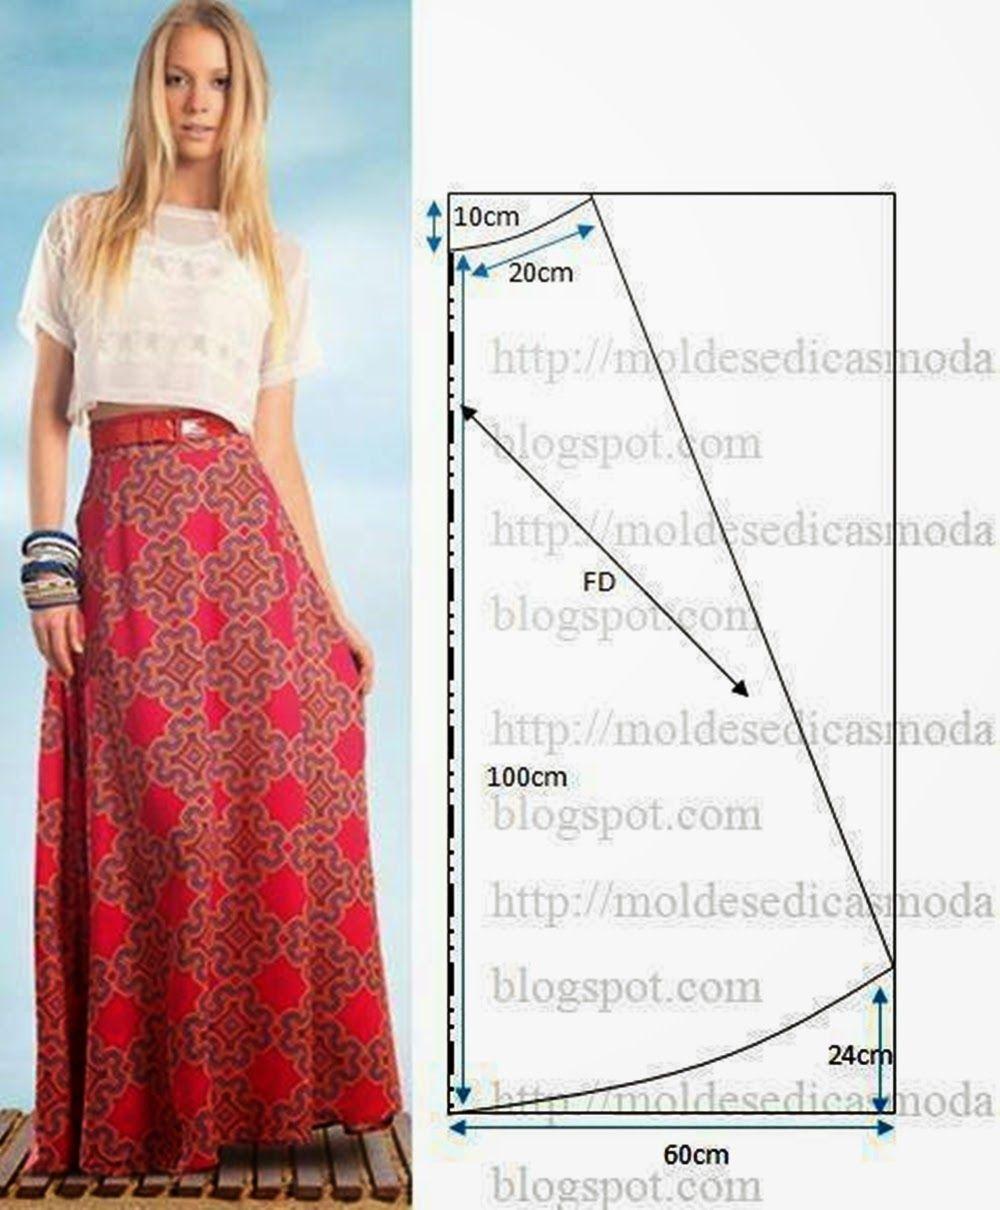 28e3143416 Szabás-varráshoz értőknek kedveznek az alábbi képek, melyeken csinos női  öltözetek láthatók. Mindegyikhez mellékelve van a szabásminta is.